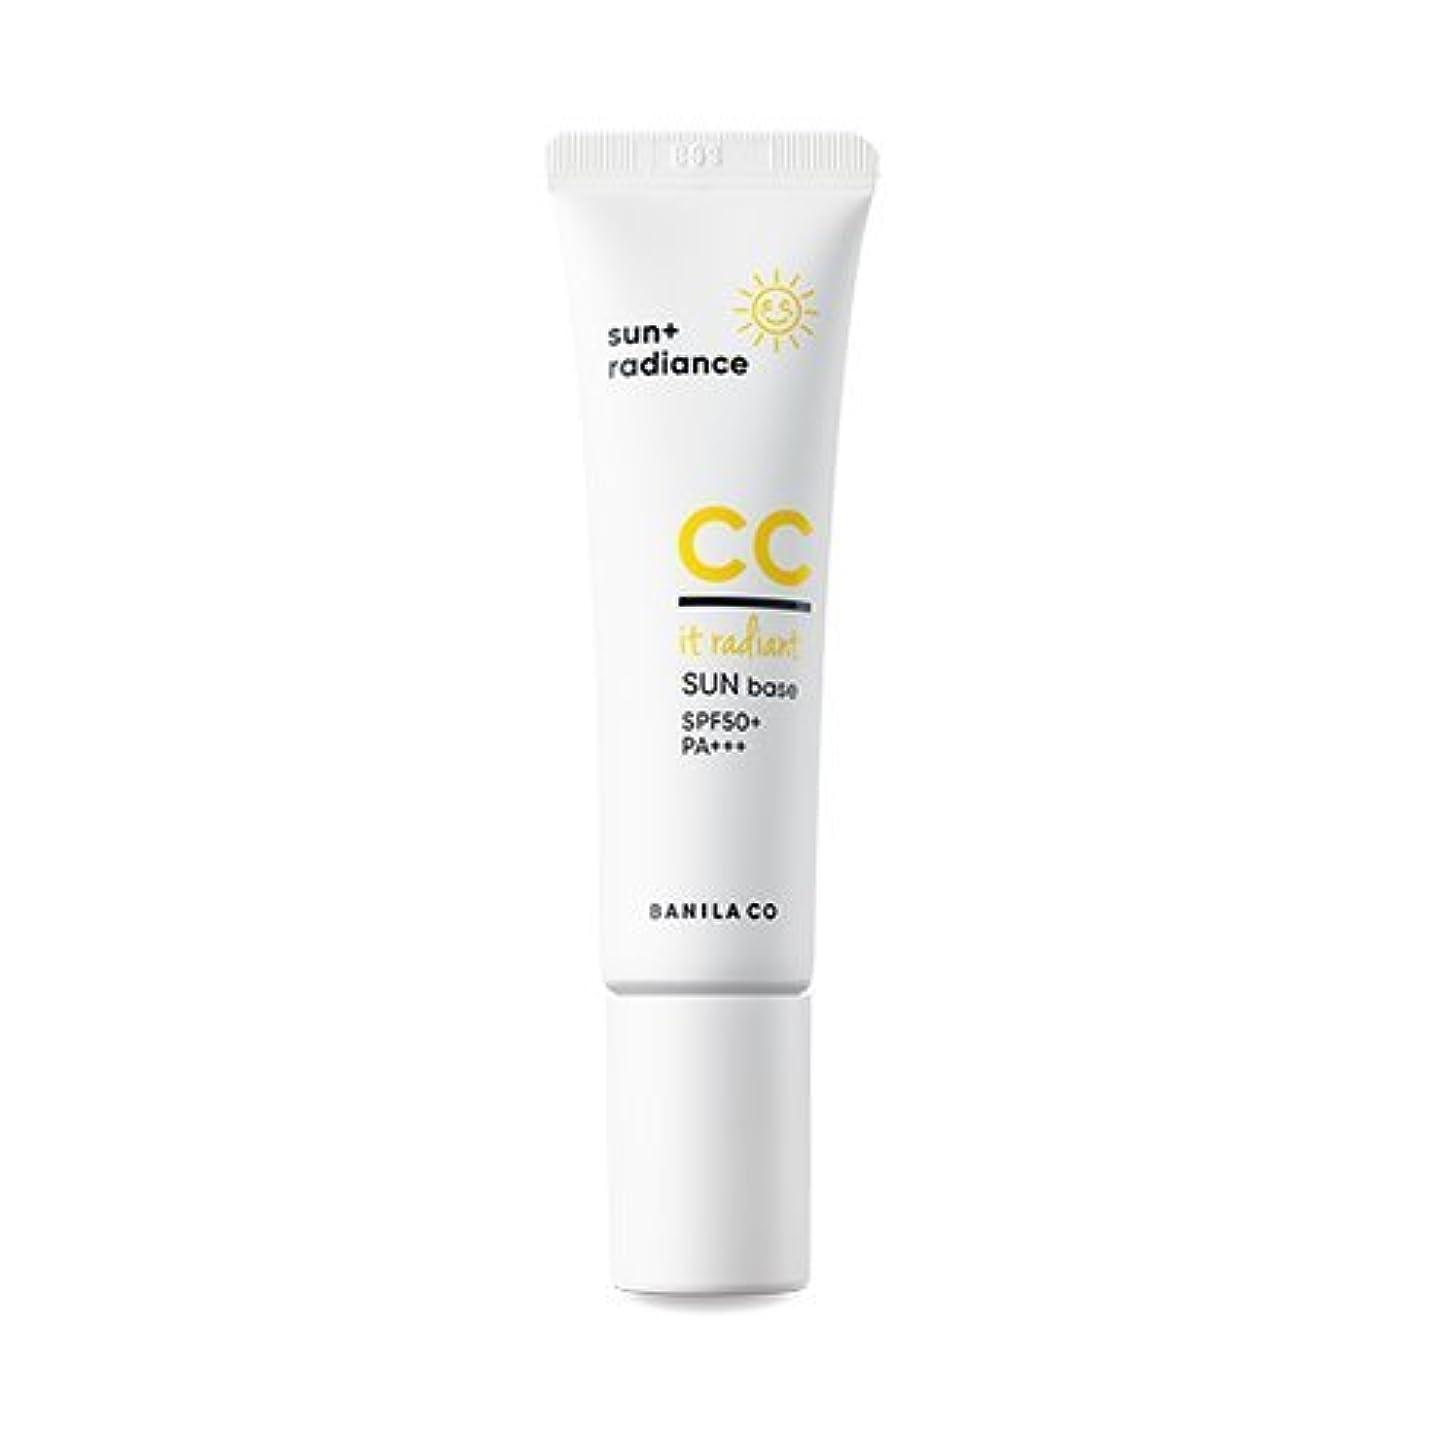 フィットネスメタルライントランクライブラリ[Renewal] BANILA CO It Radiant CC Sun Base 30ml/バニラコ イット ラディアント CC サン ベース 30ml [並行輸入品]